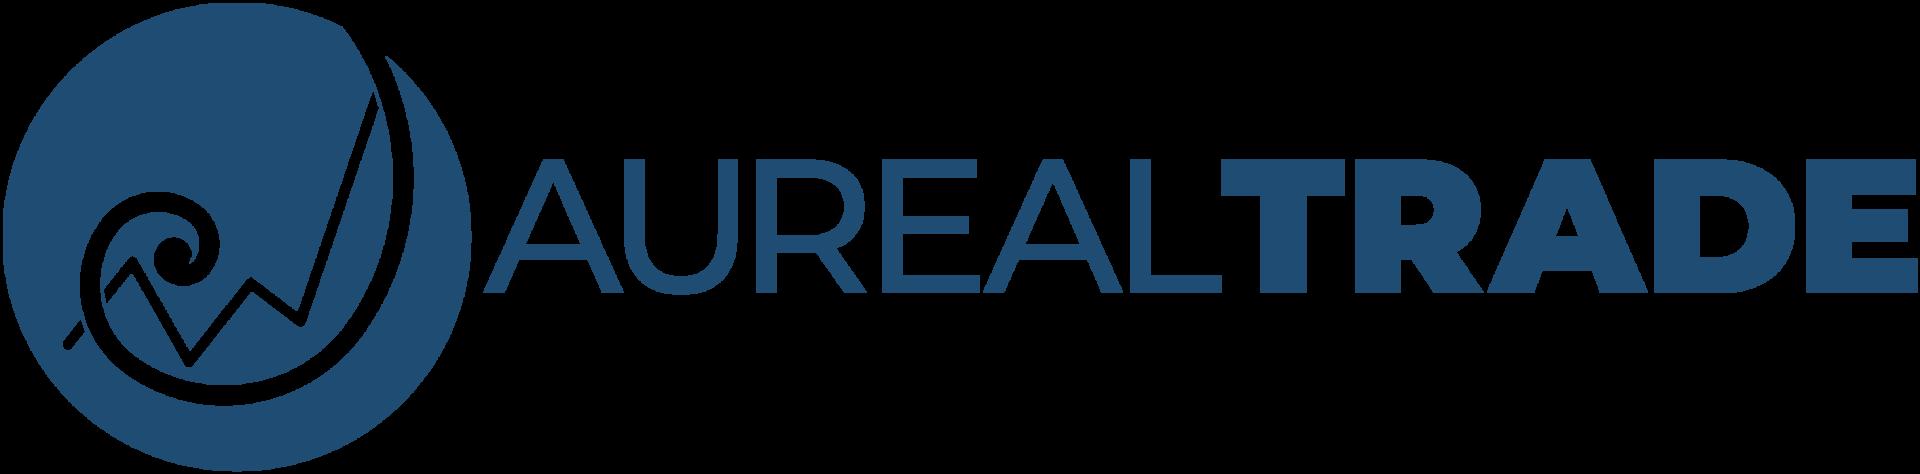 Aureal Trade